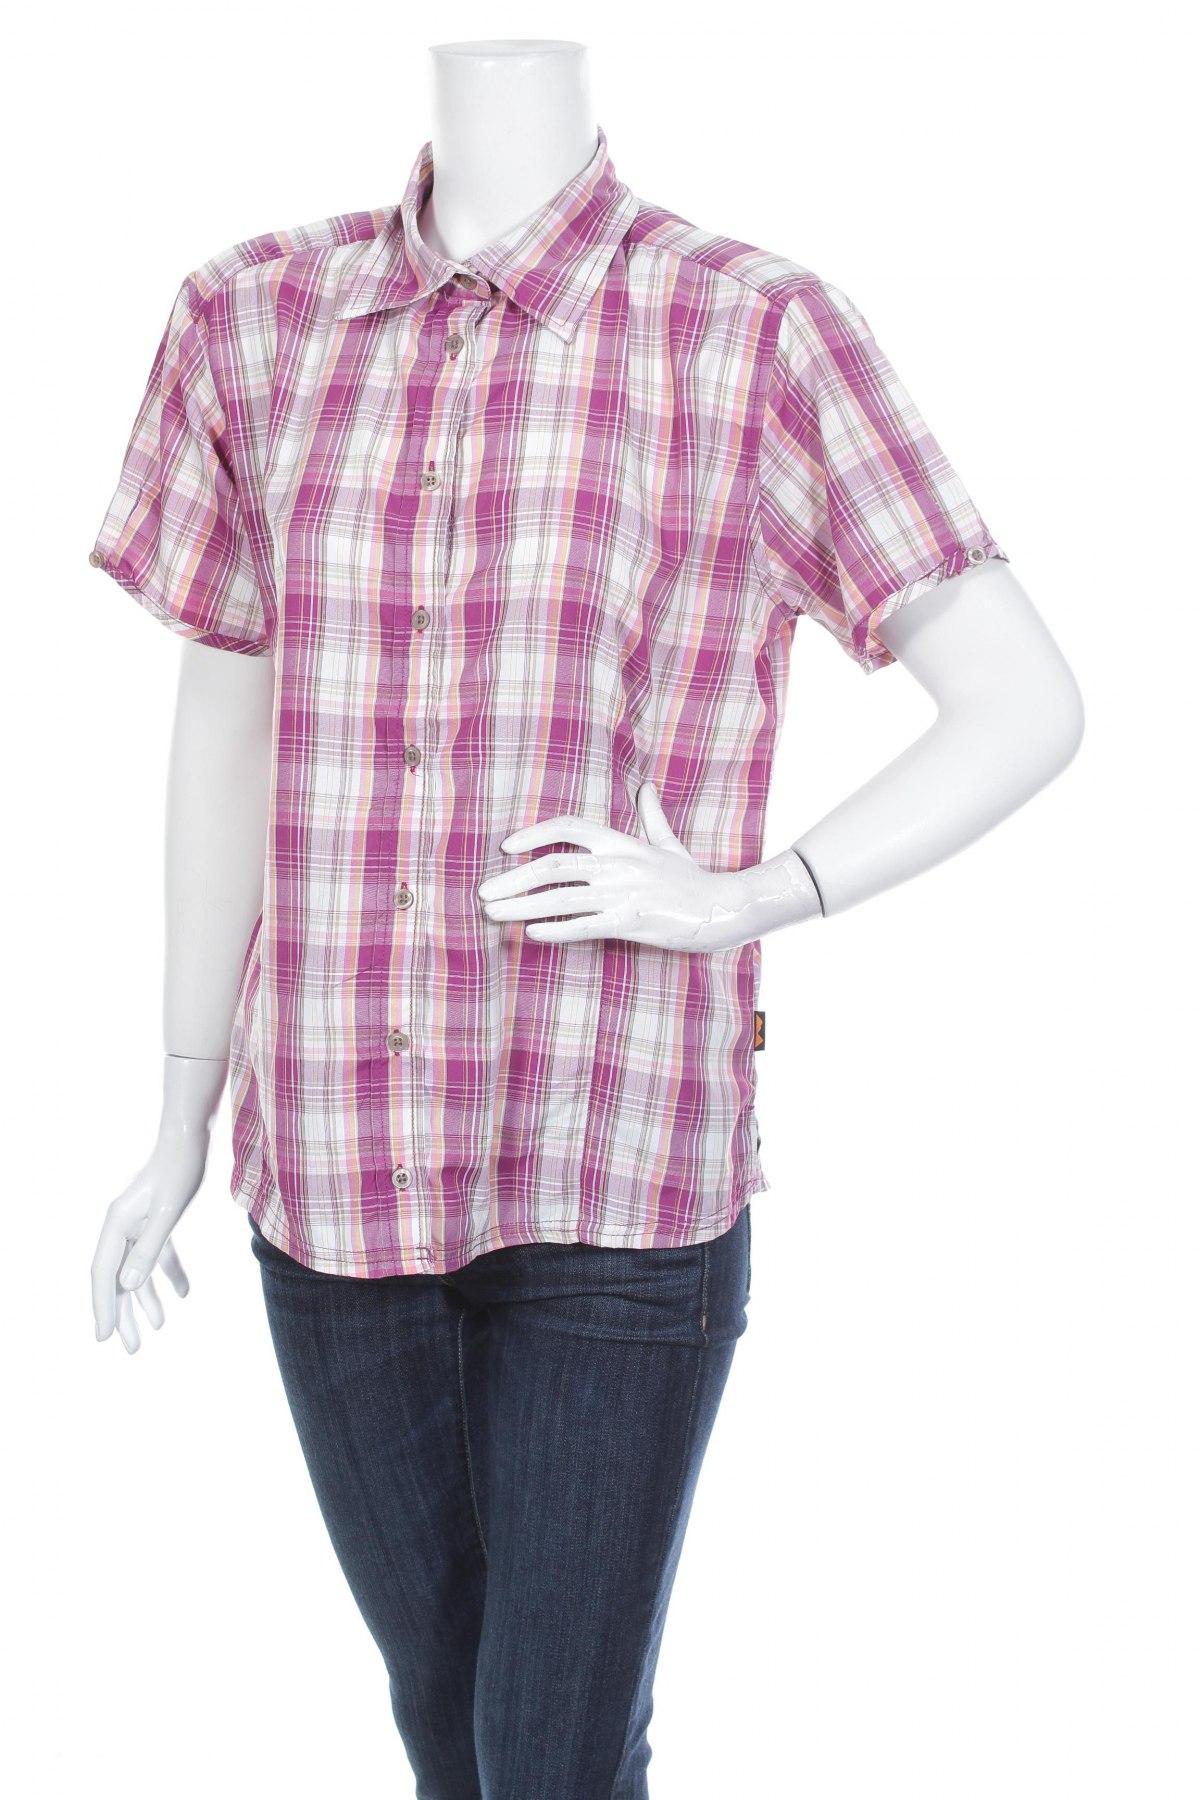 Γυναικείο πουκάμισο Big Tramp, Μέγεθος XL, Χρώμα Πολύχρωμο, Πολυεστέρας, Τιμή 9,28€